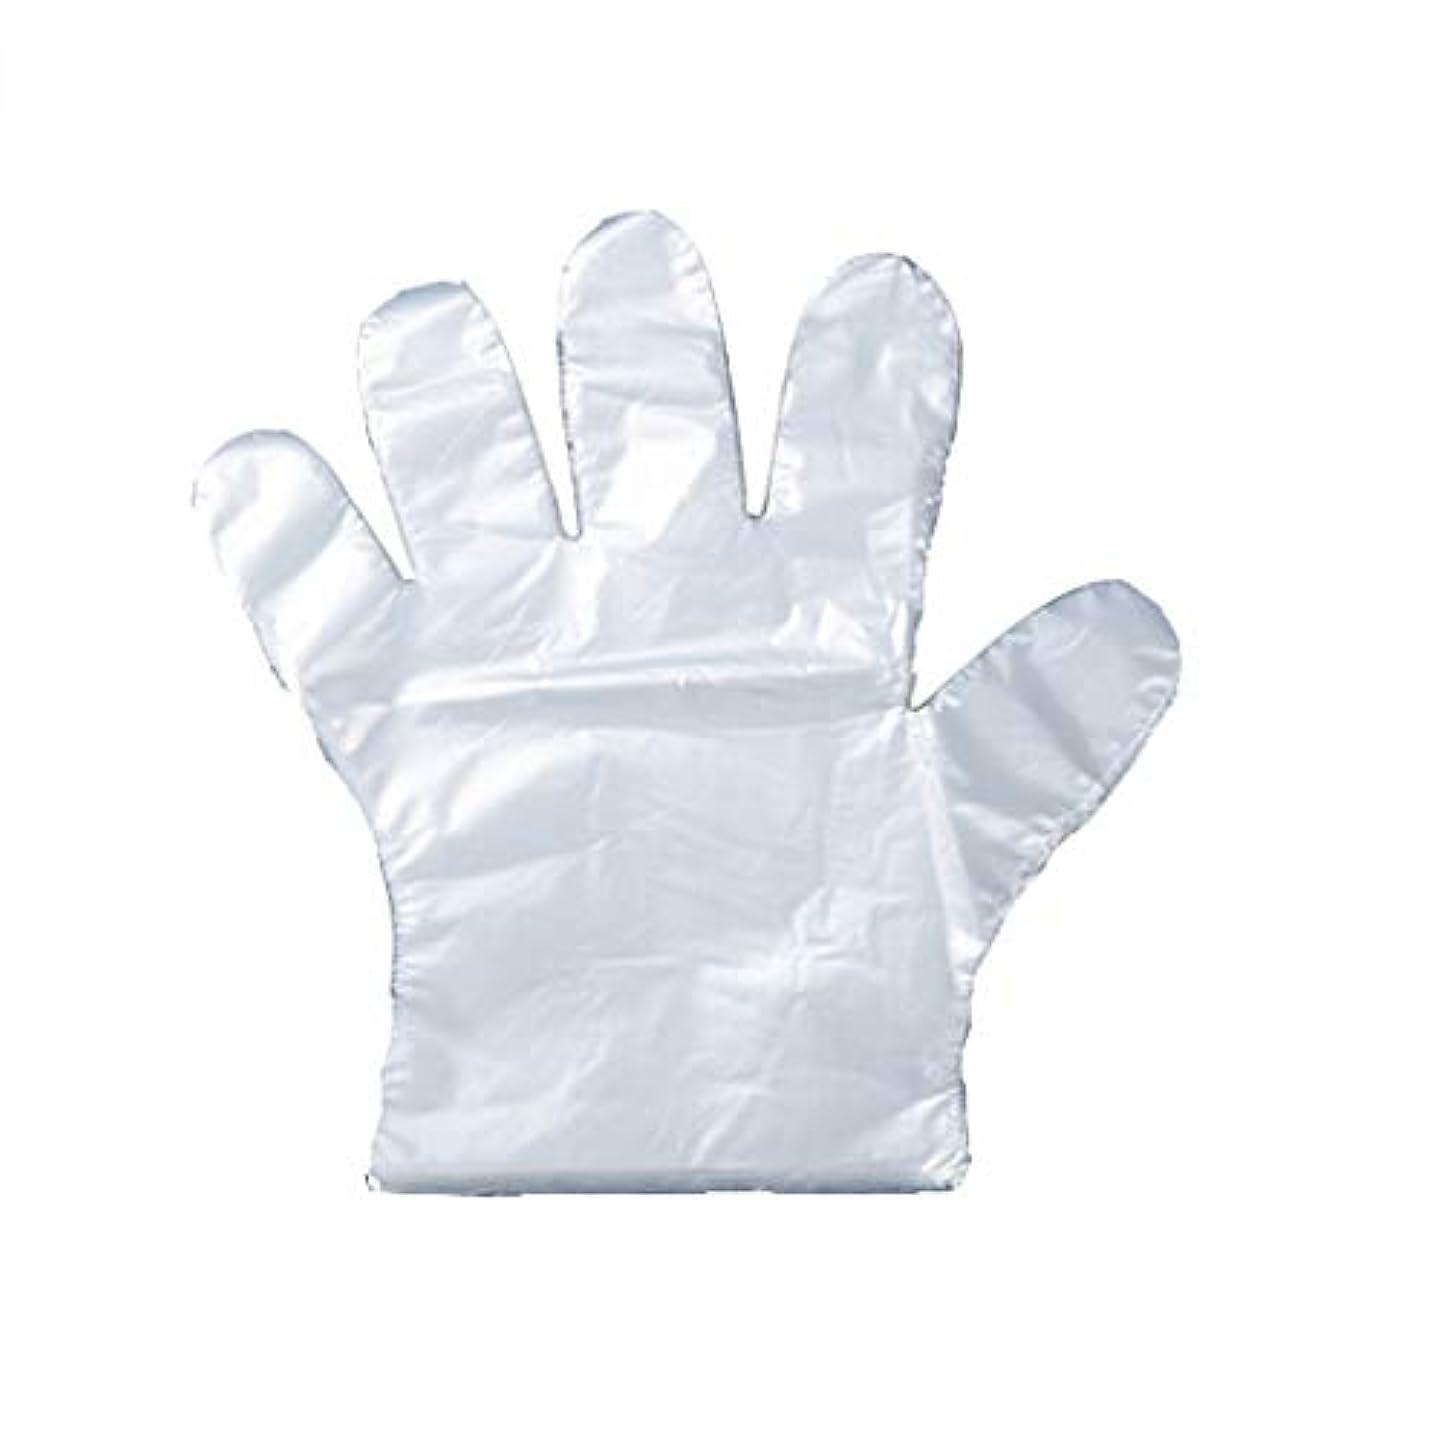 組み立てる句ハードリング手袋、使い捨て手袋、食堂、髪および肥厚手袋PVC手袋は、1000倍になった。